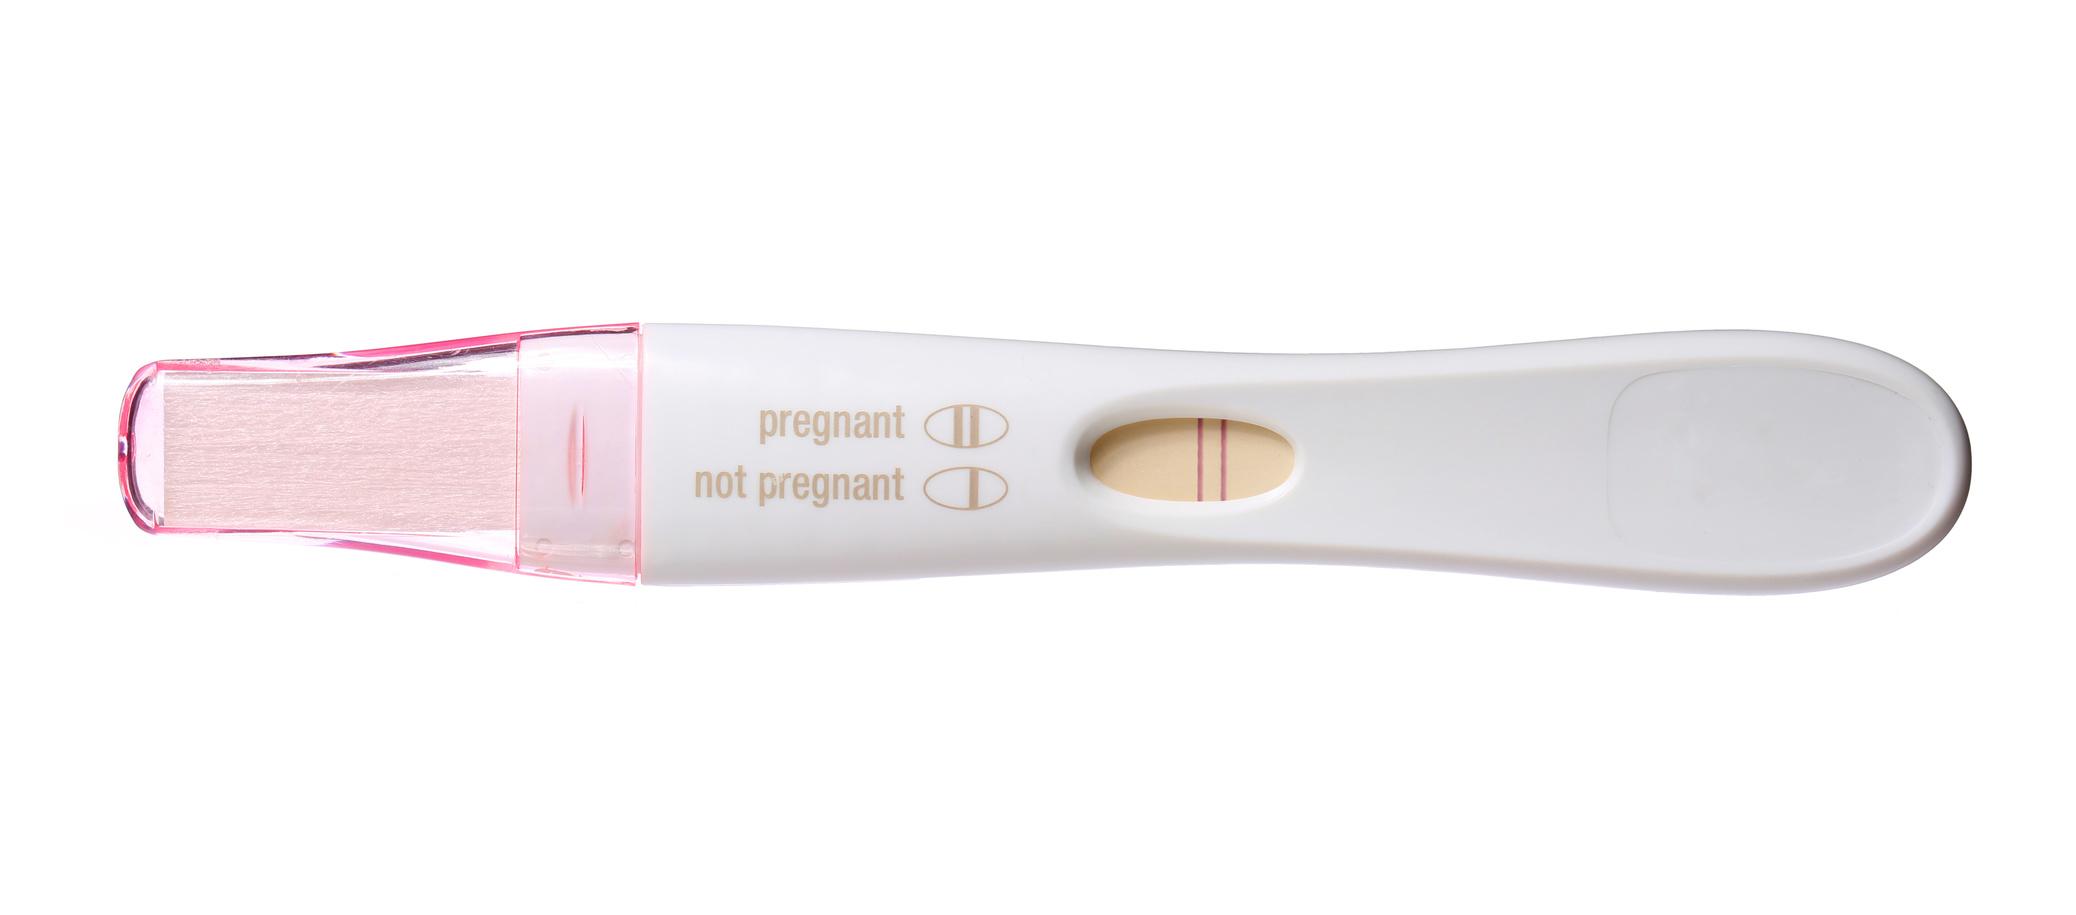 Rodzaje testów ciążowych